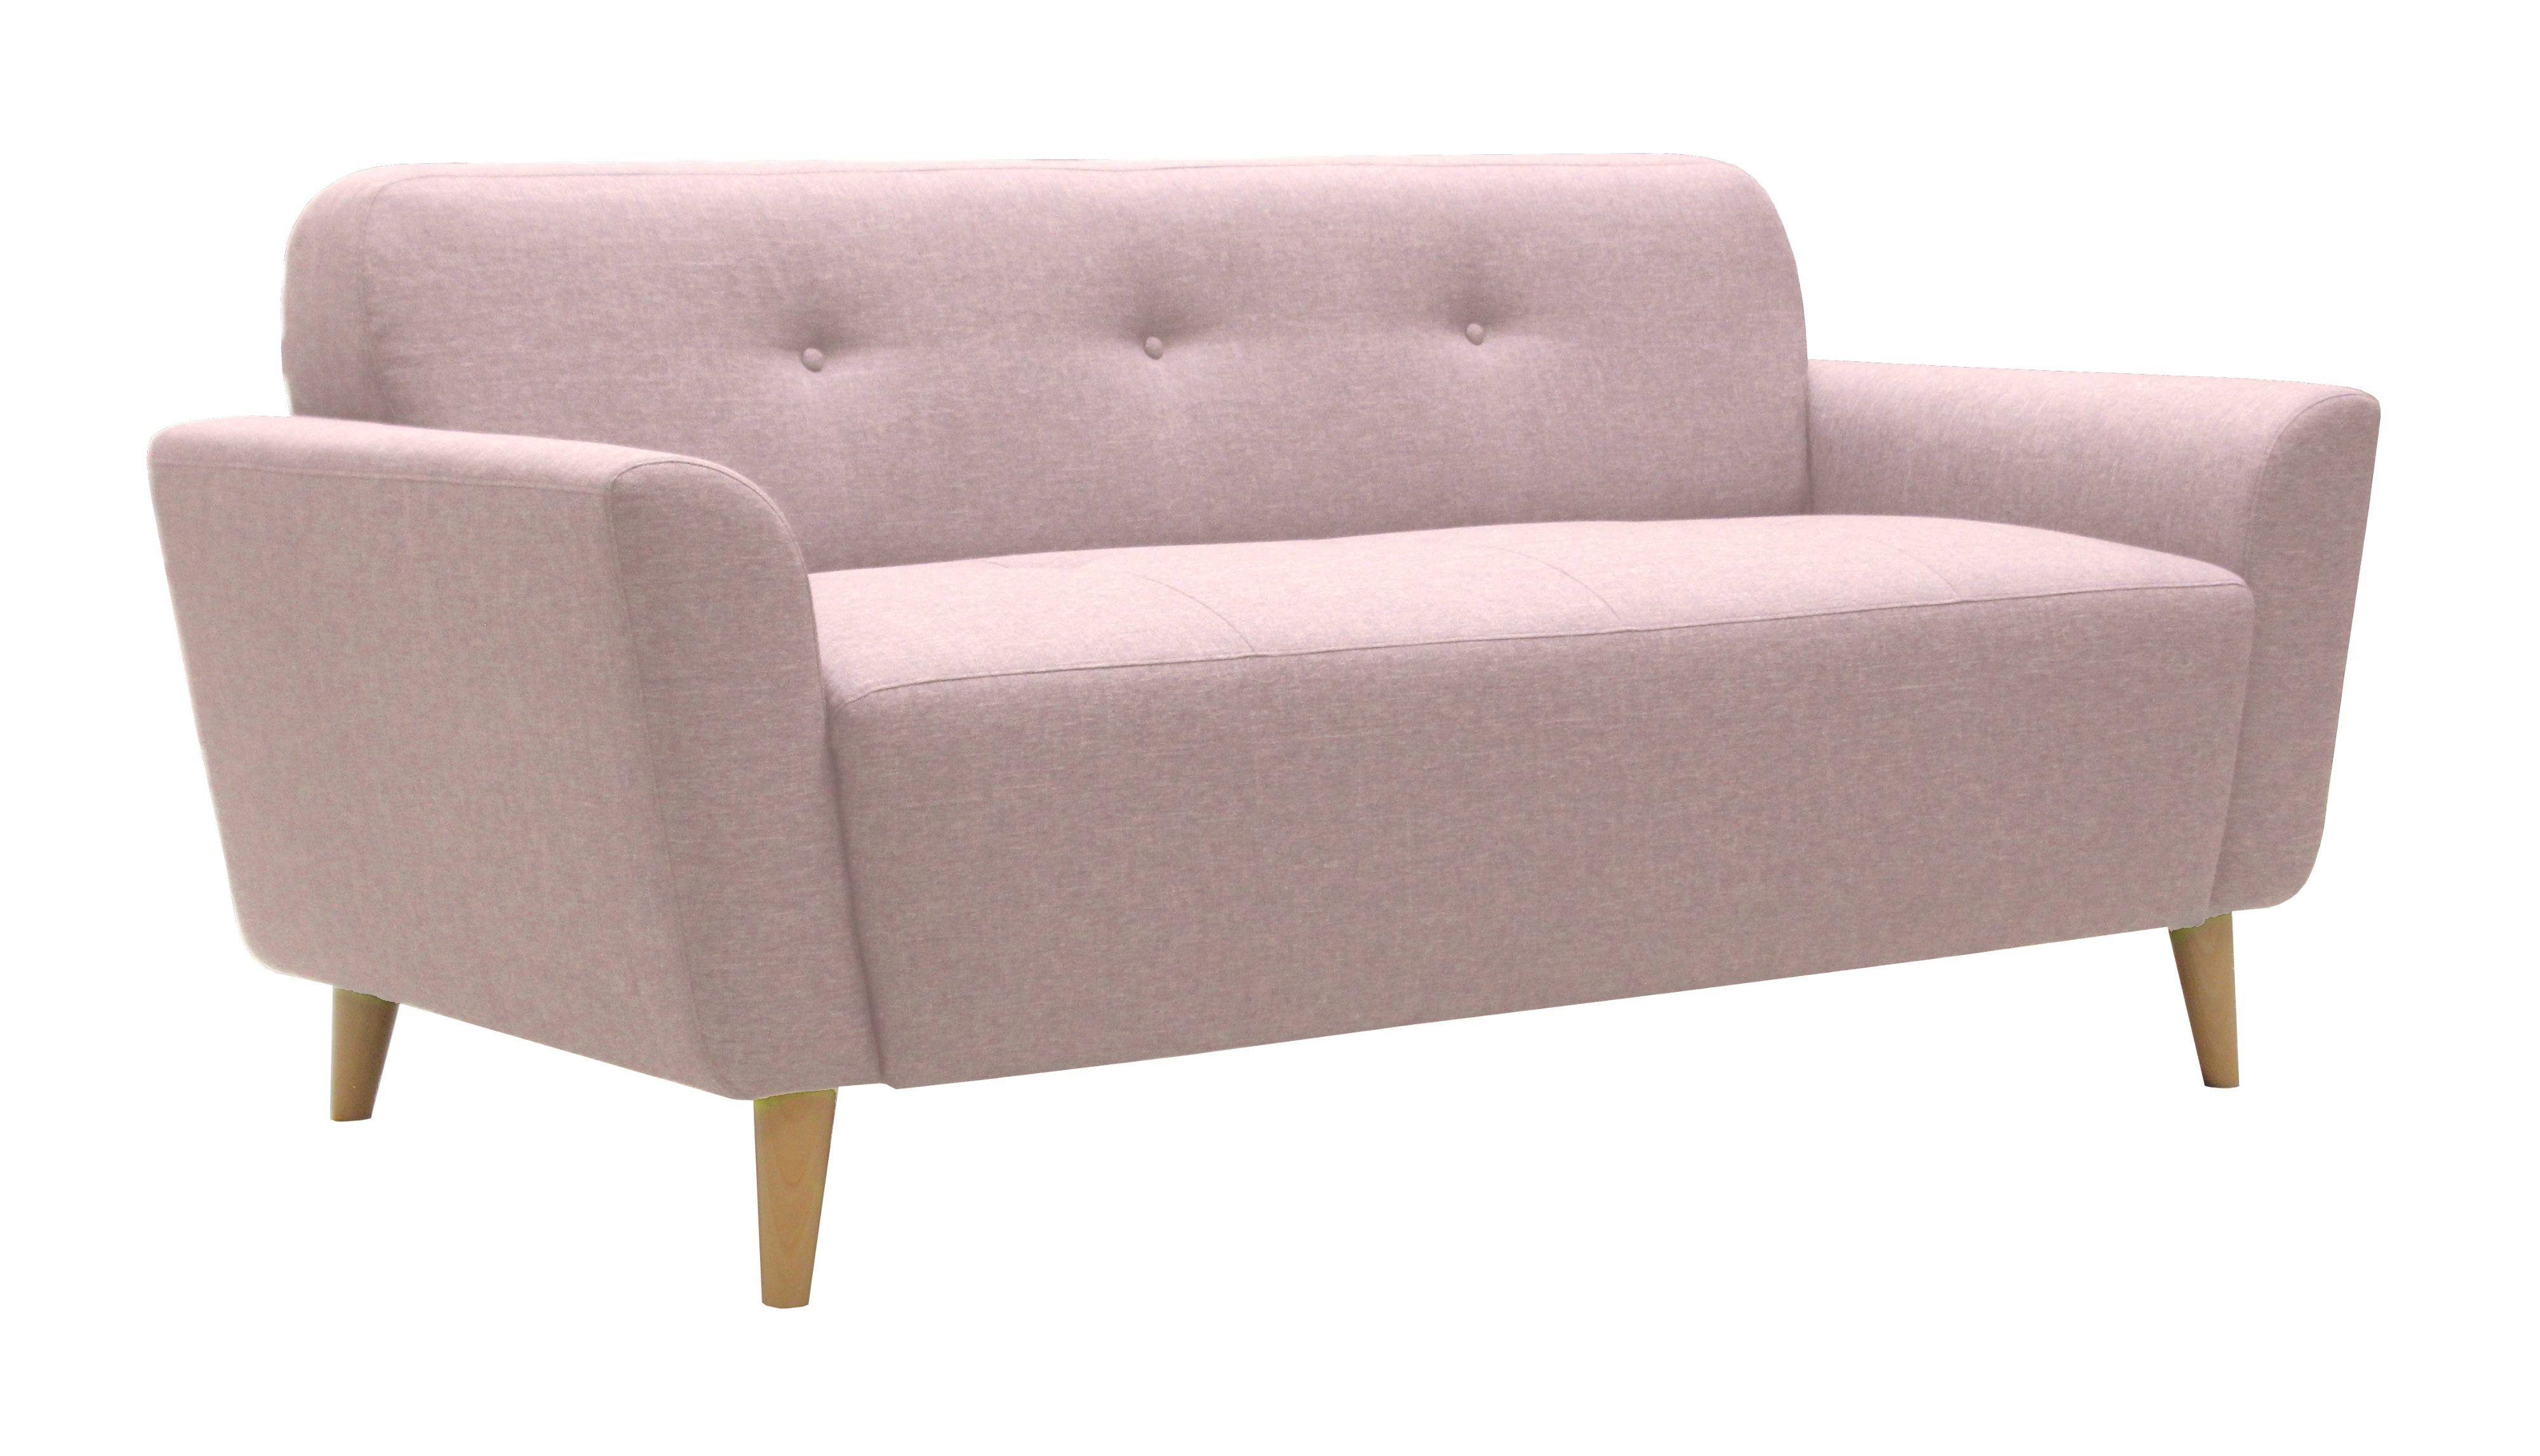 magasin en ligne 1a928 494f2 Canapé 2 places scandinave KINOA Tissu rose | Inspiration au ...